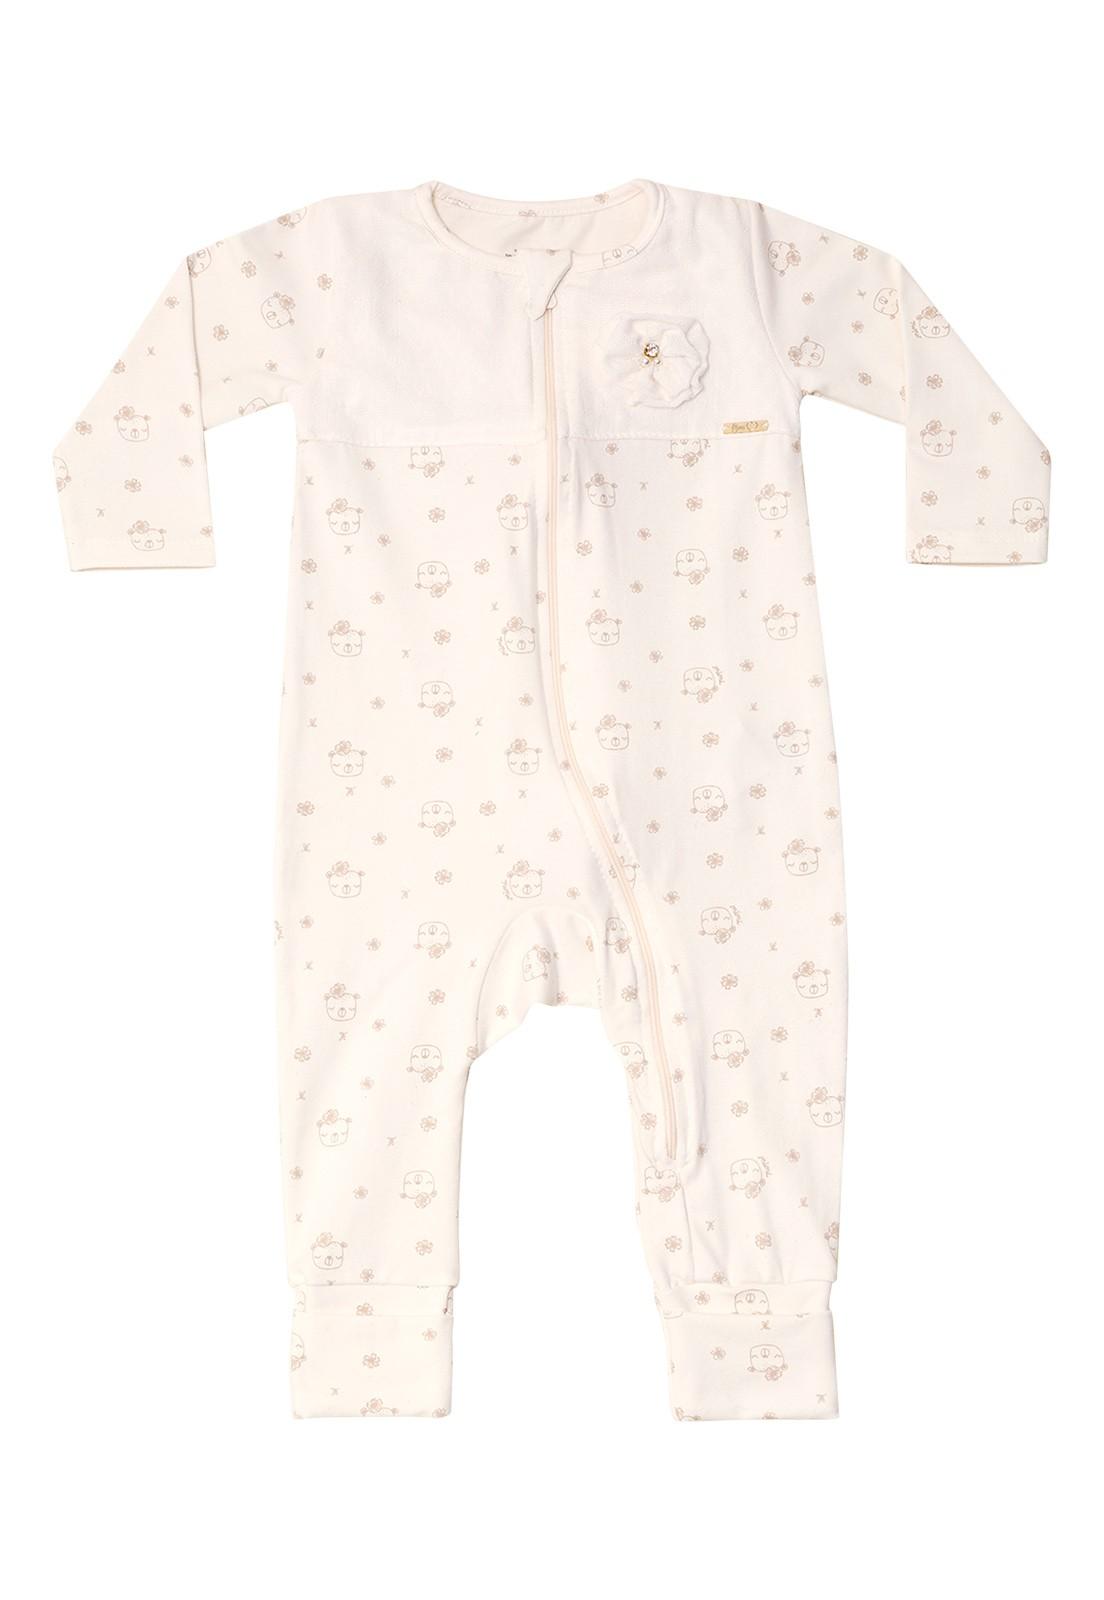 Macacão Bebê Nini&Bambini manga longa em cotton com Zíper Ursinha Off White